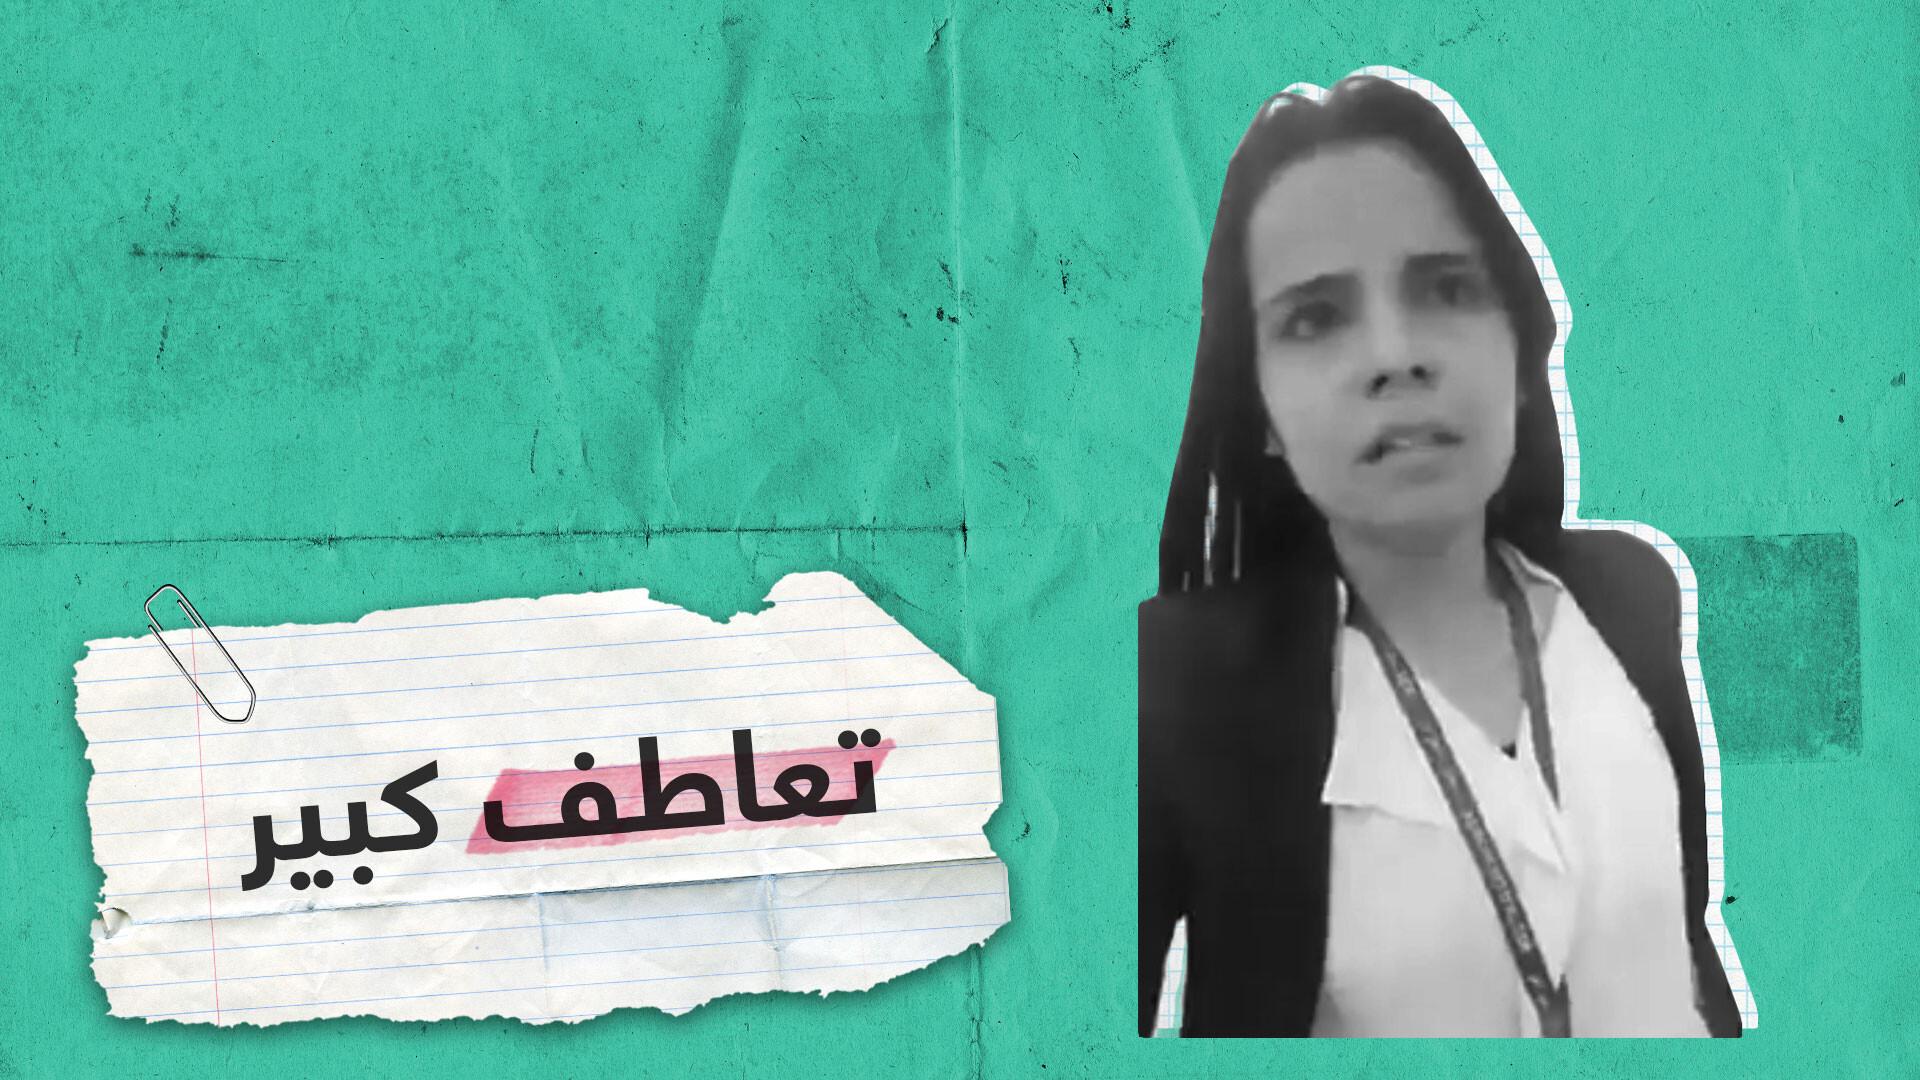 """خرجت بفيديو عن """"الفساد"""".. تفاعل كبير على مواقع التواصل مع موظفة في الجزائر"""